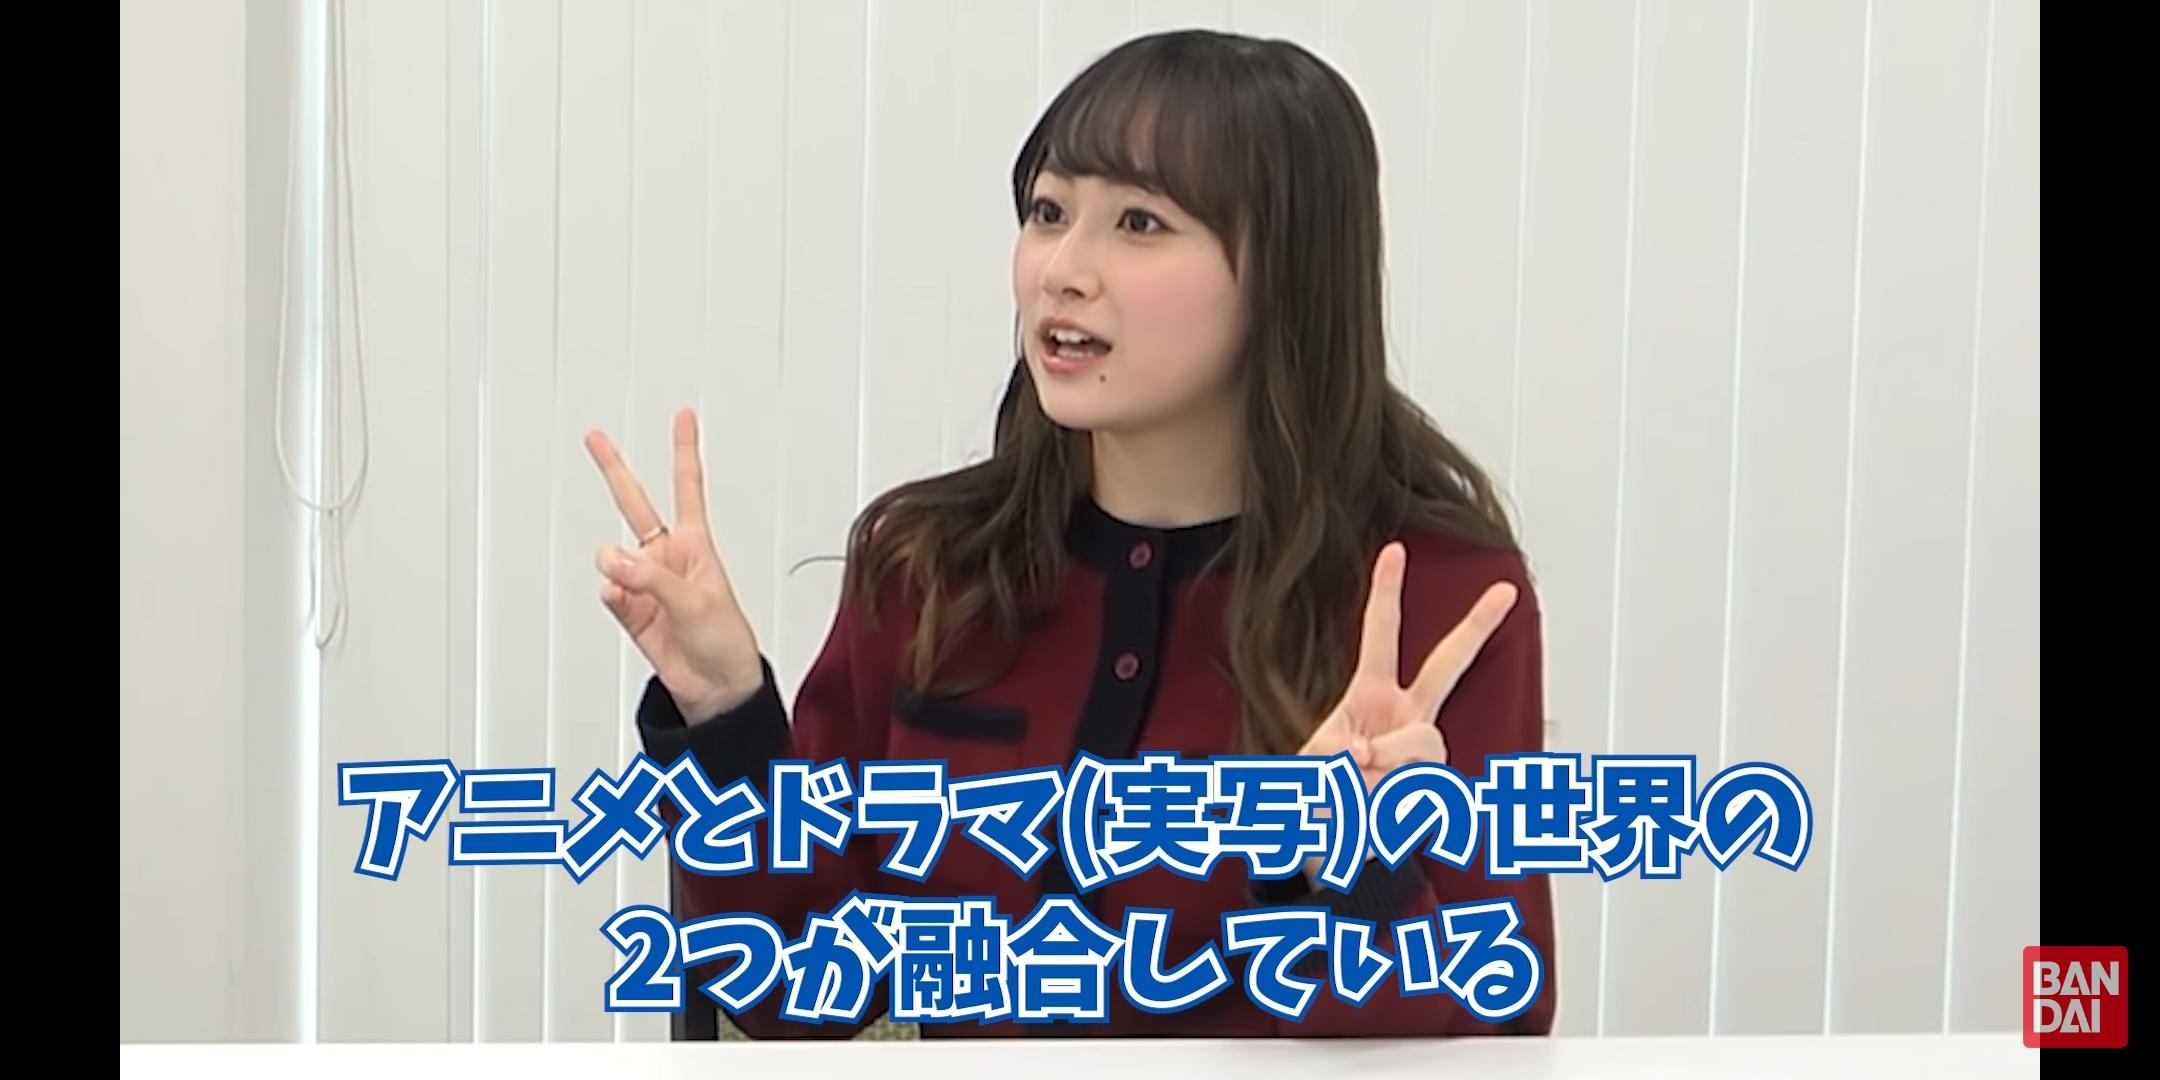 アイカツプラネット公式動画(バンダイ)